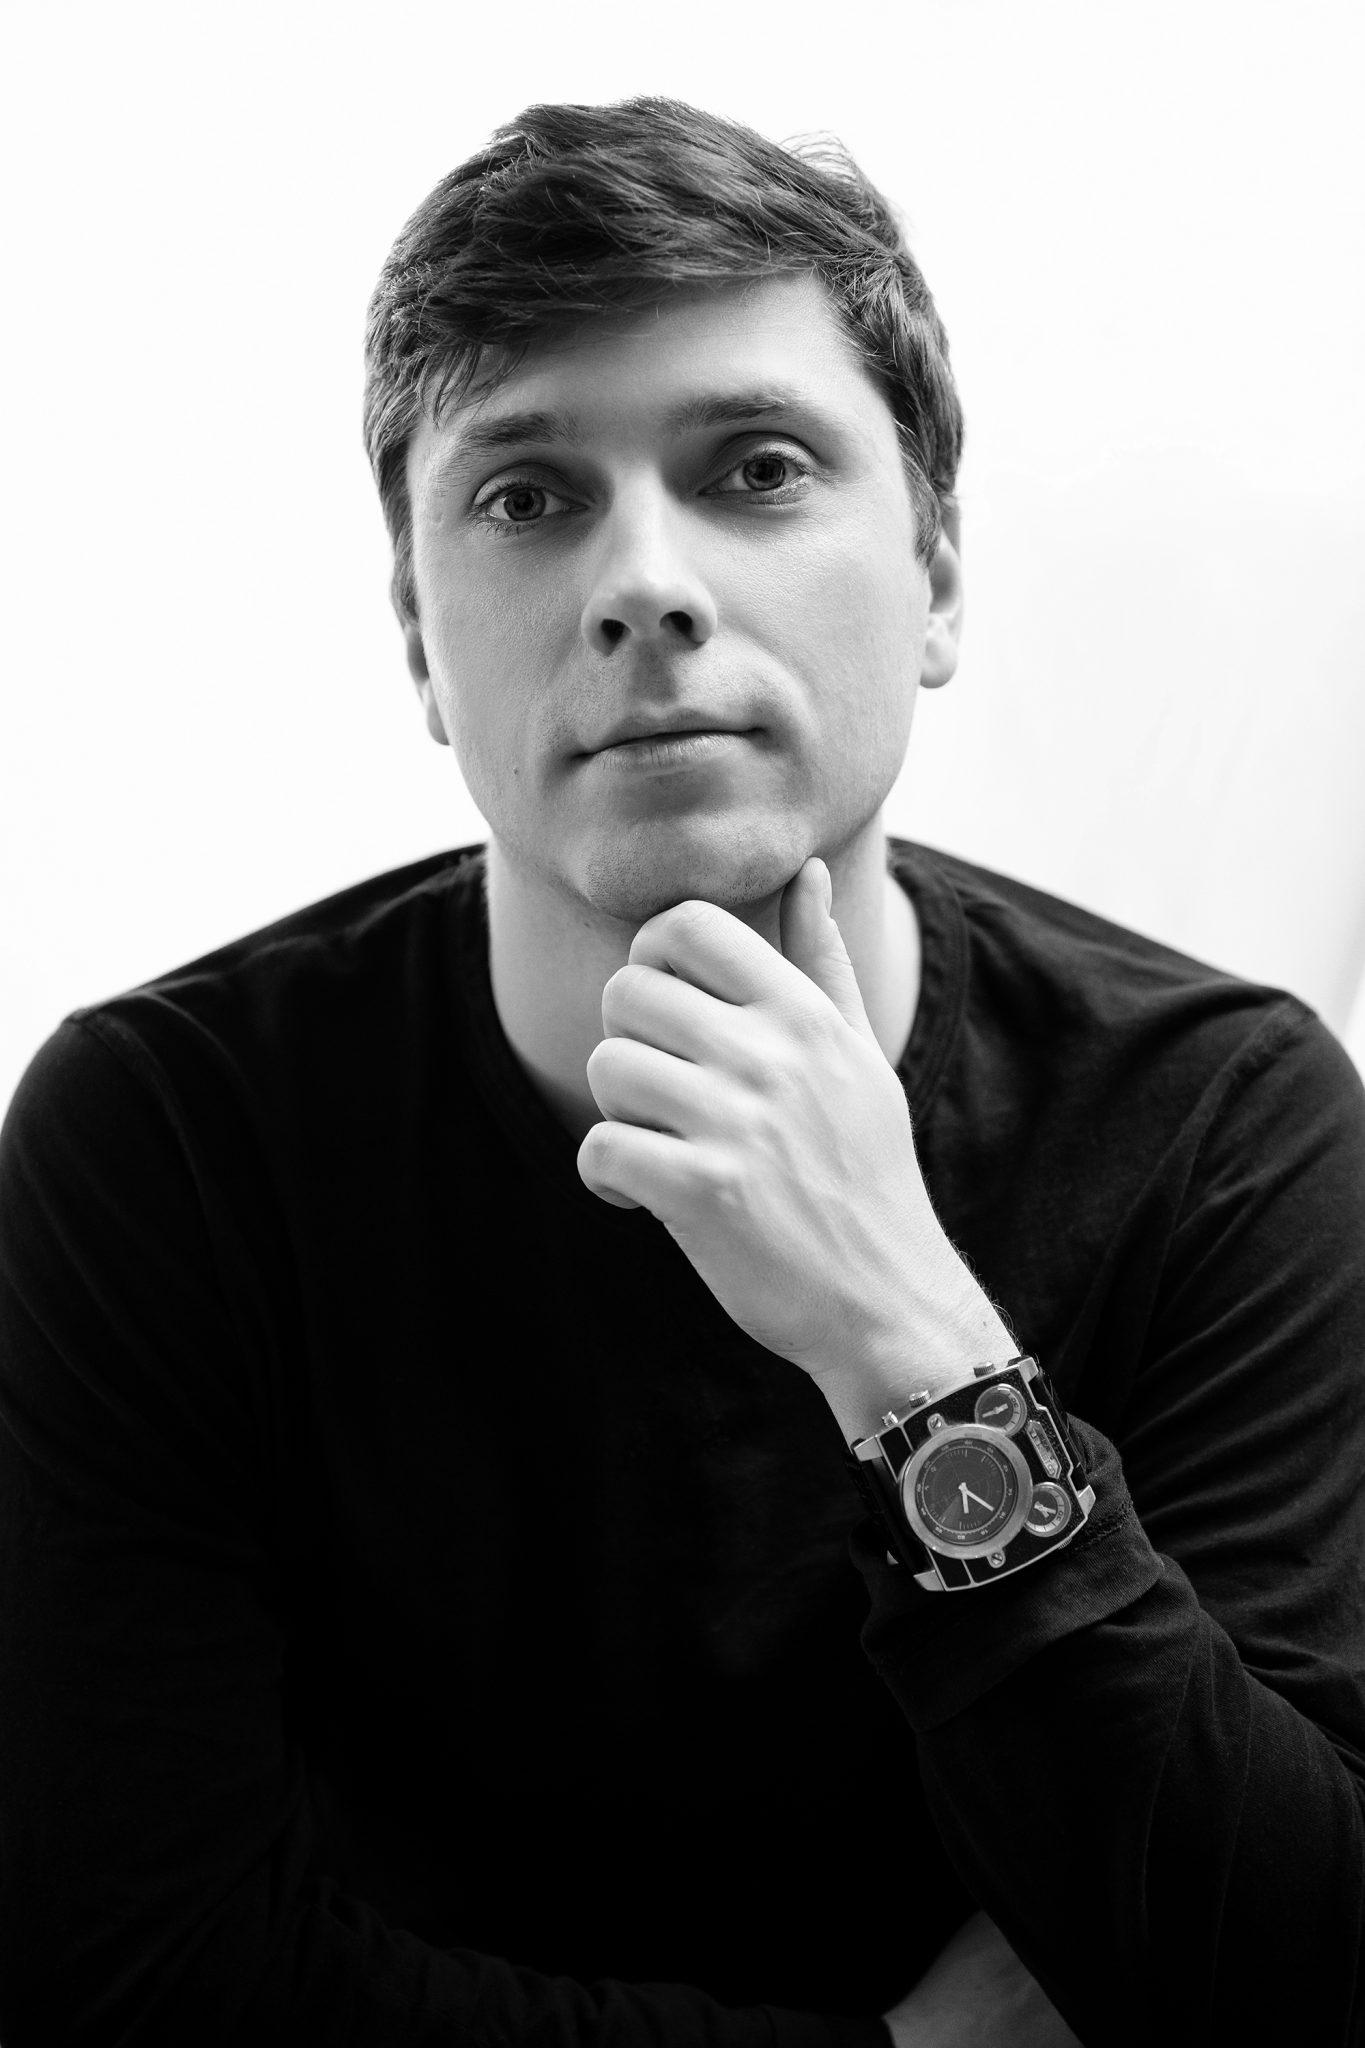 Boris, studio, muotokuva, valokuvaaja, portrait, valokuvaus